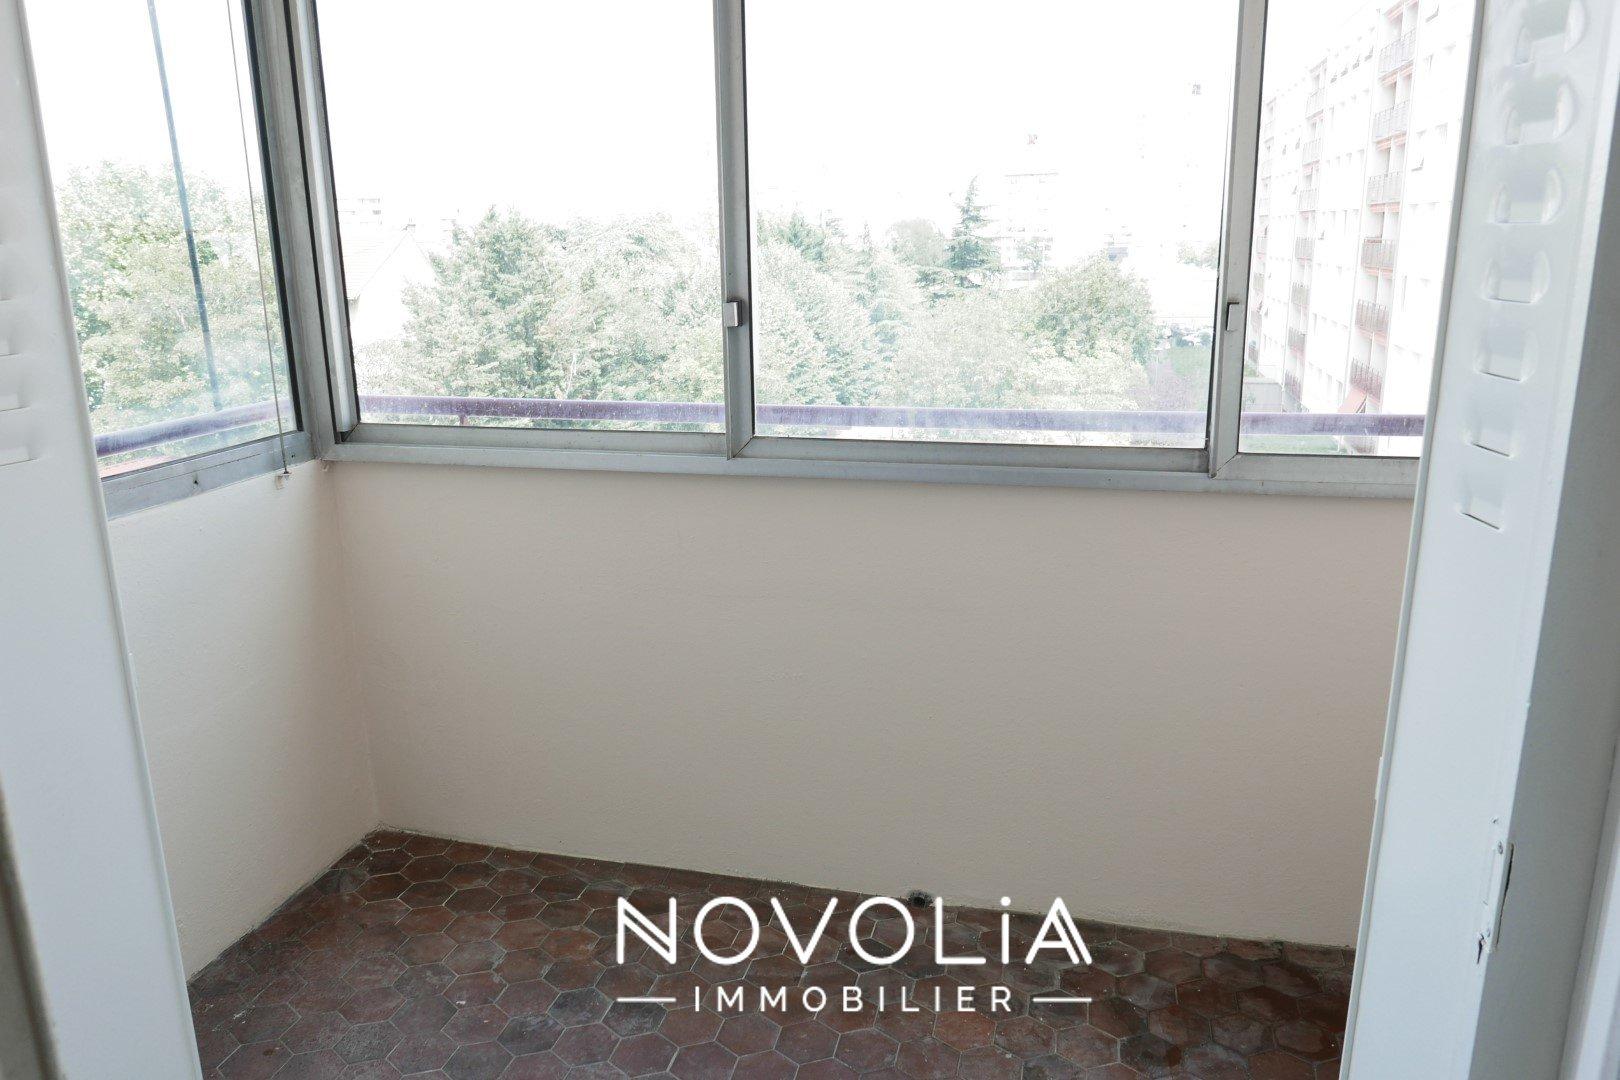 Achat Appartement Surface de 67 m²/ Total carrez : 67 m², 3 pièces, Villeurbanne (69100)